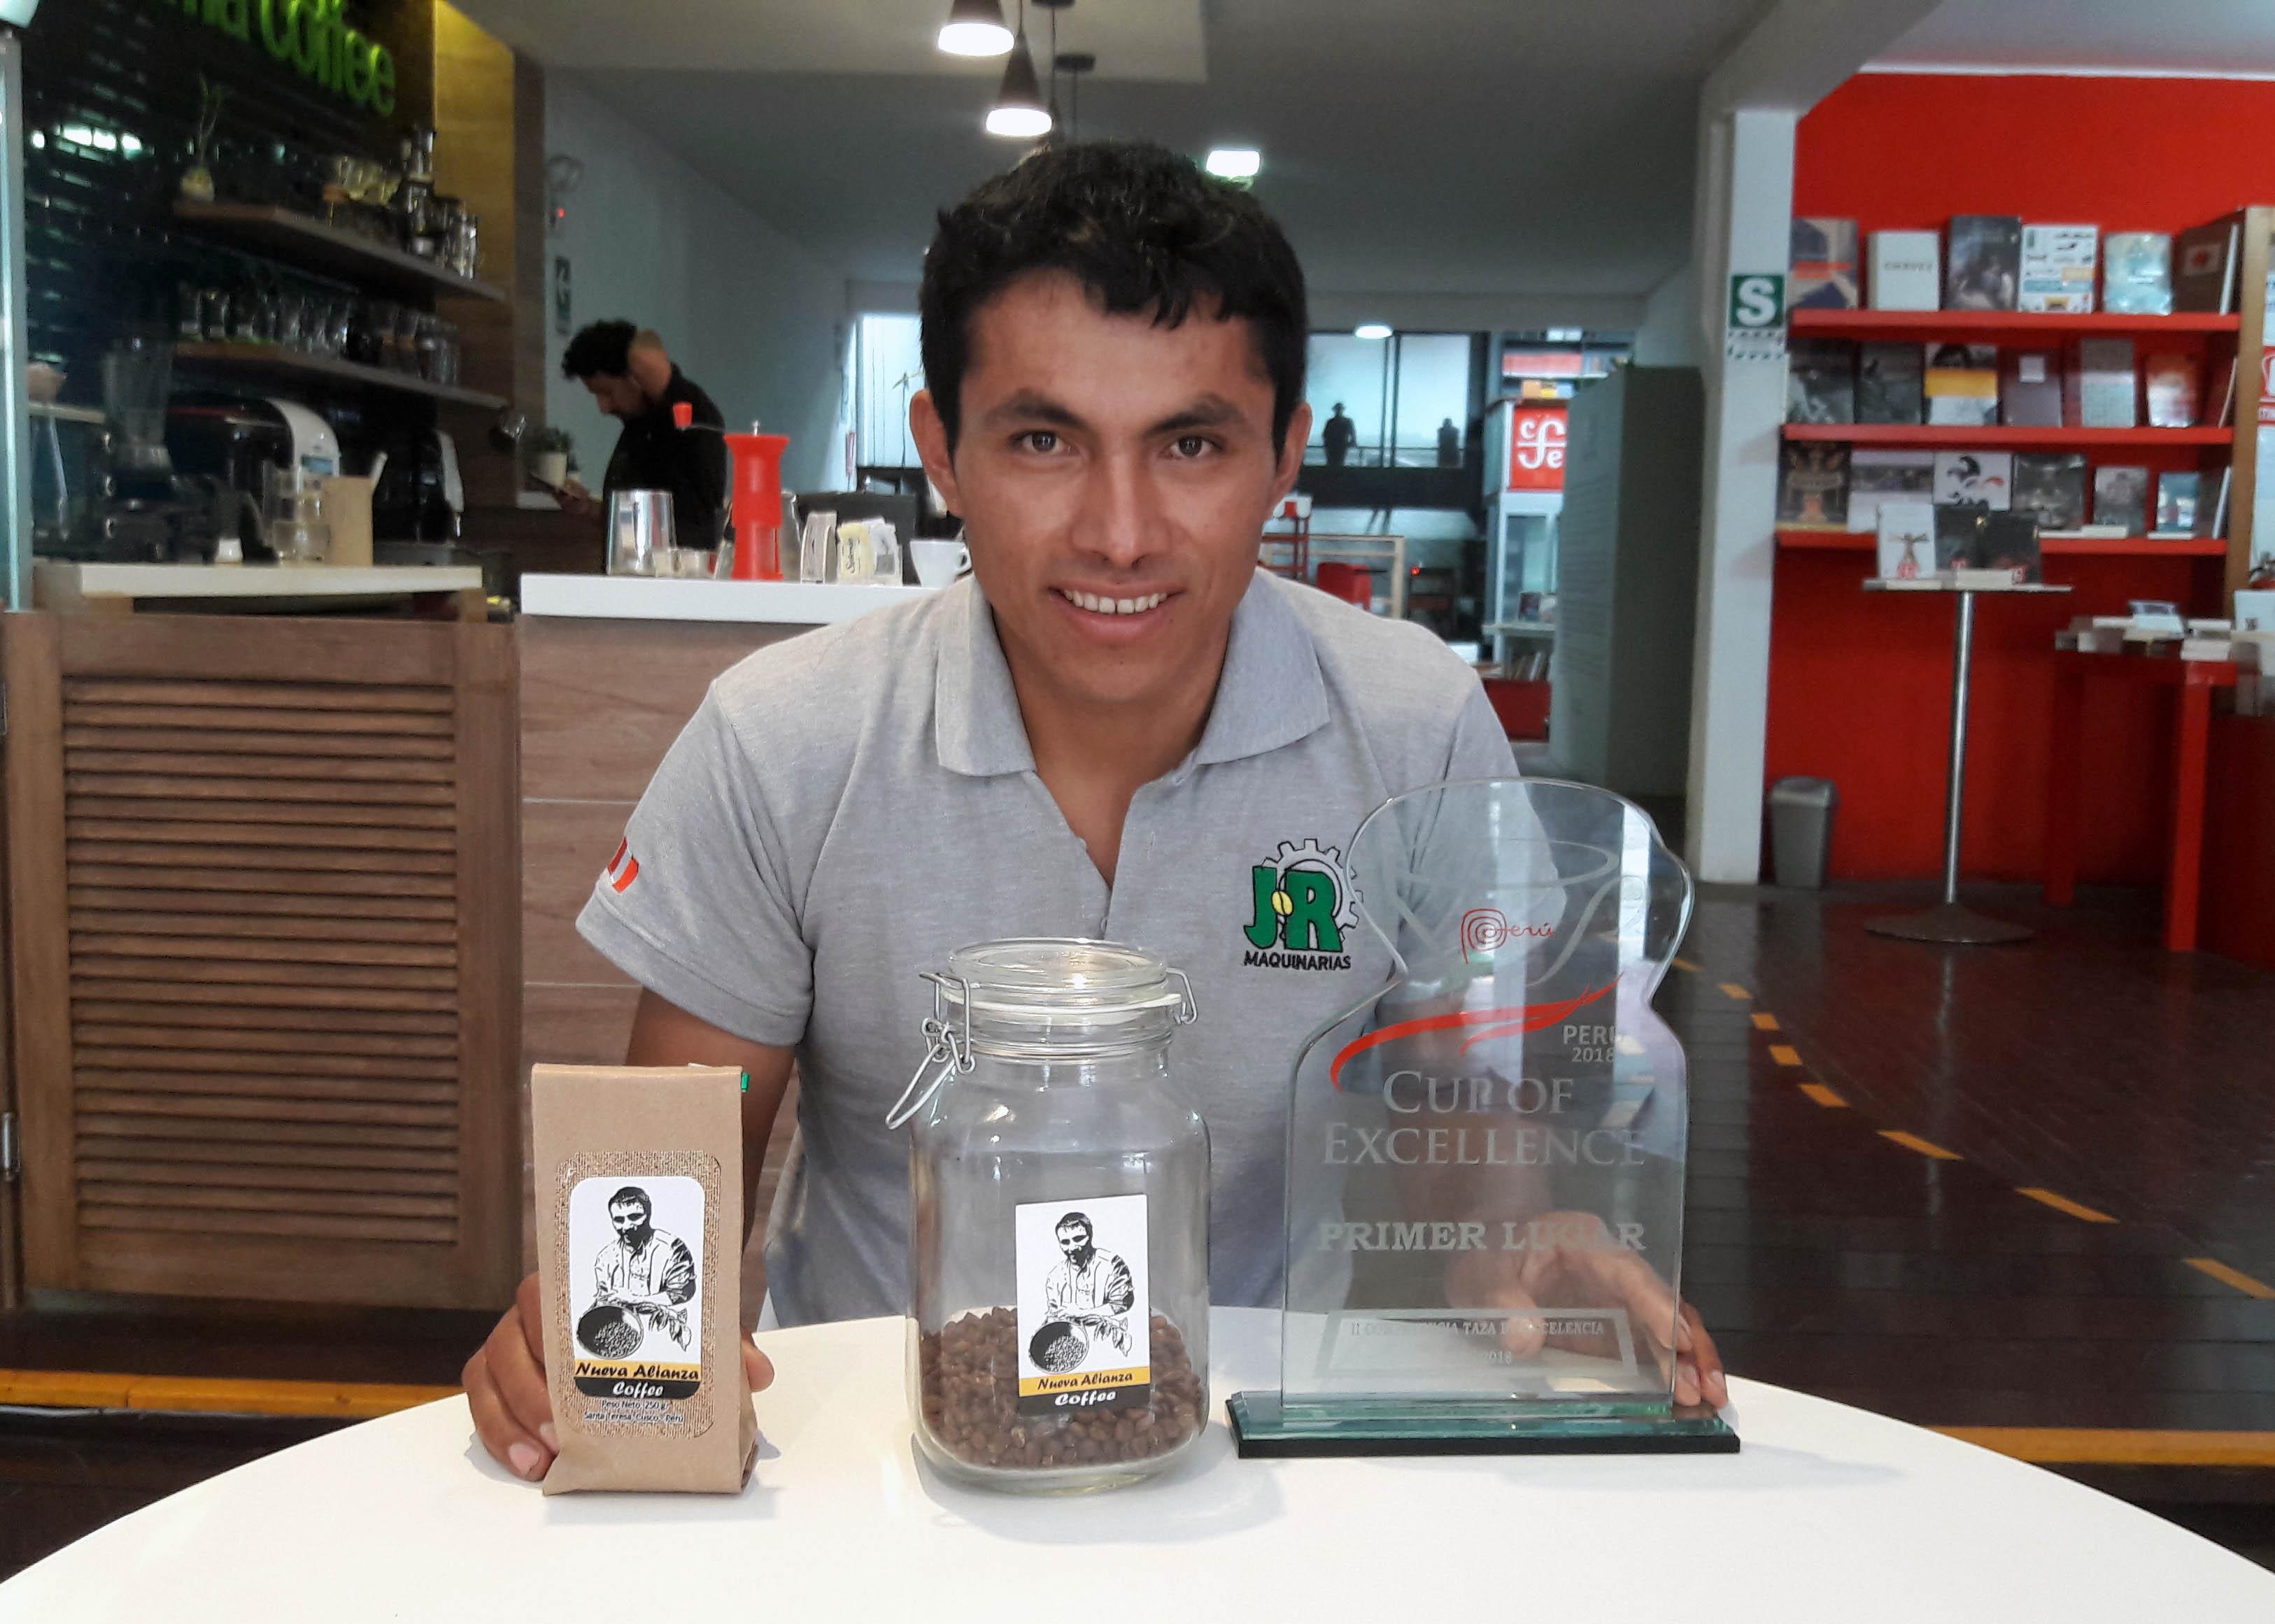 La Nueva Alianza: La finca del mejor café del Perú